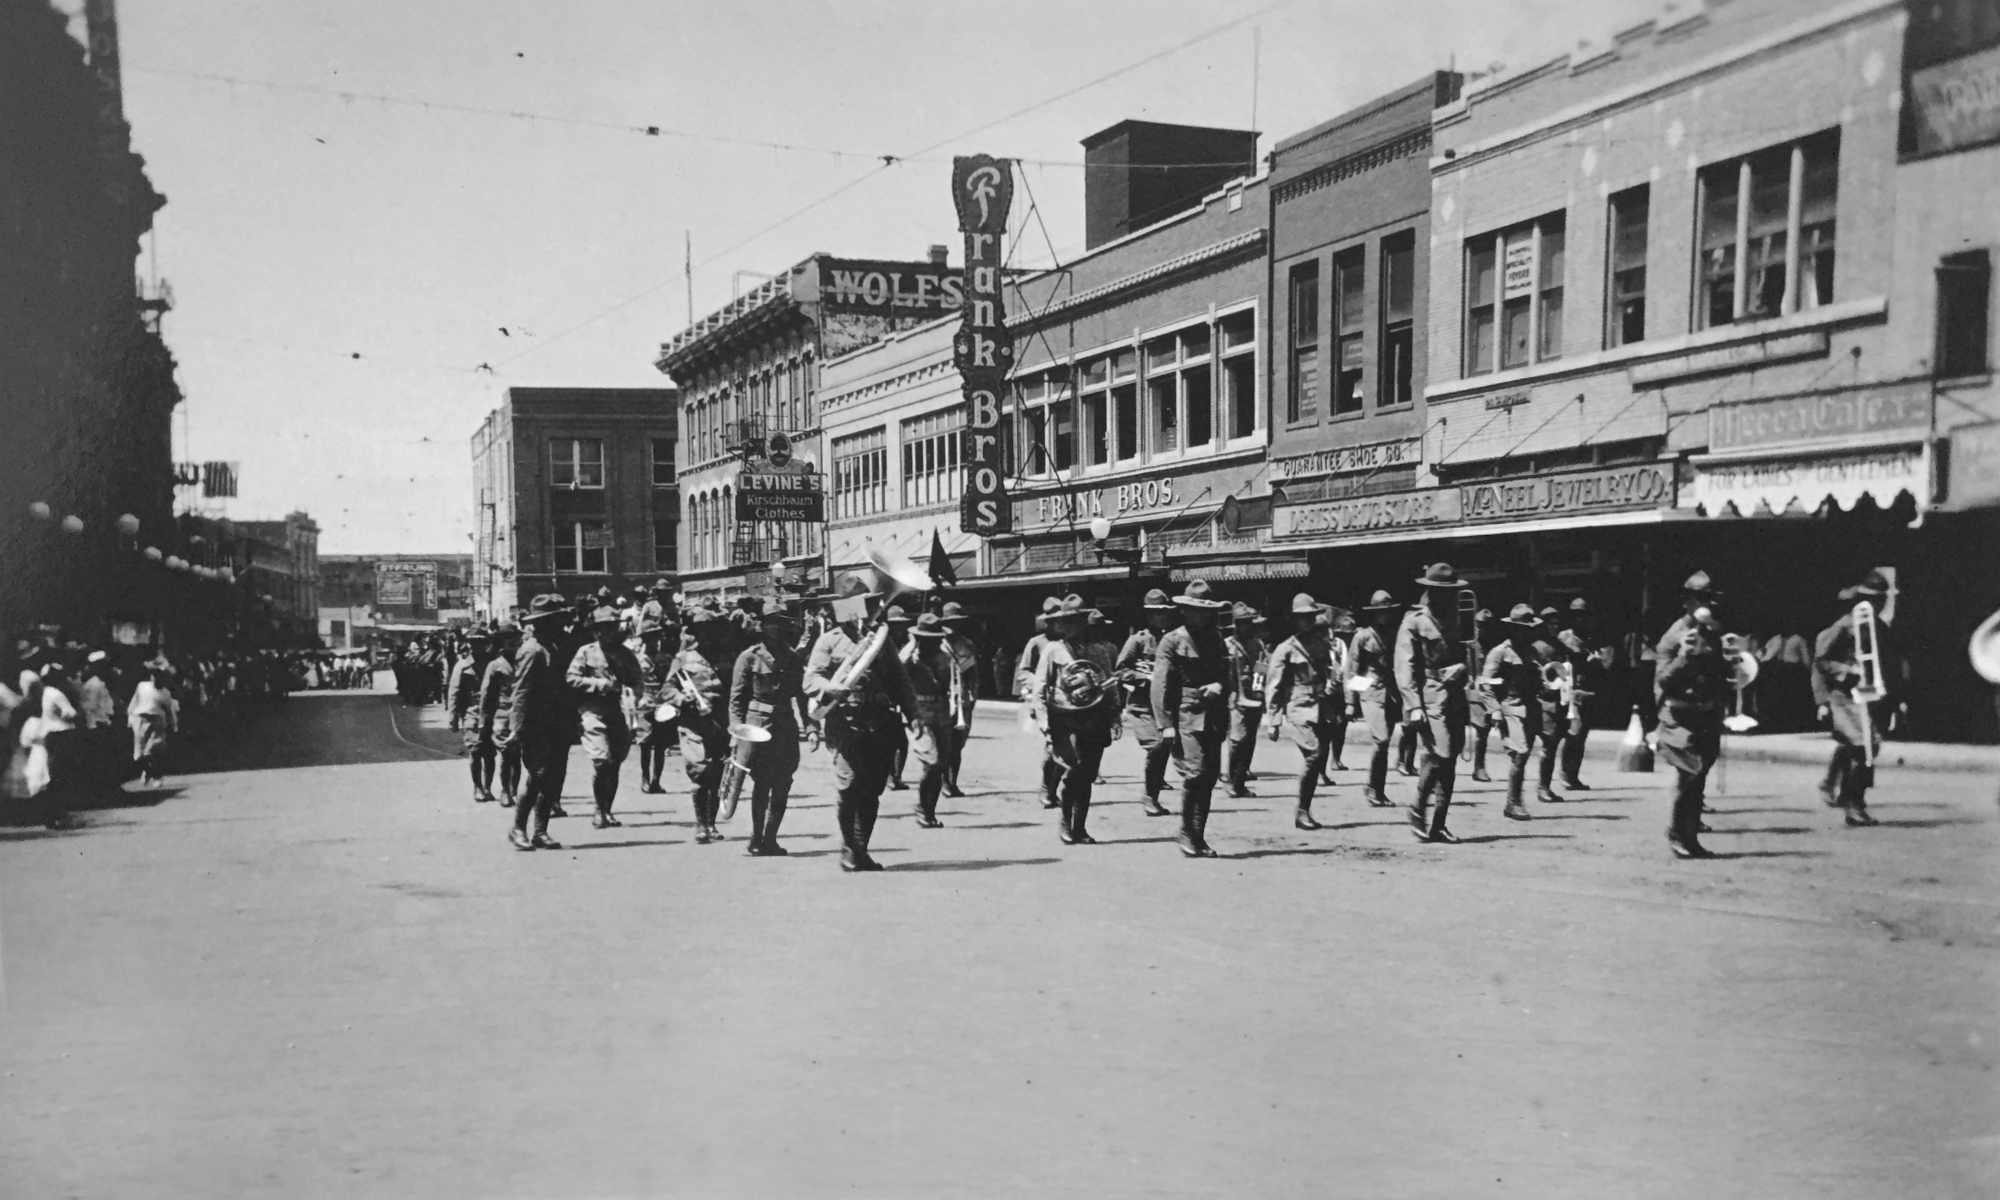 Parade in San Antonio, 1920